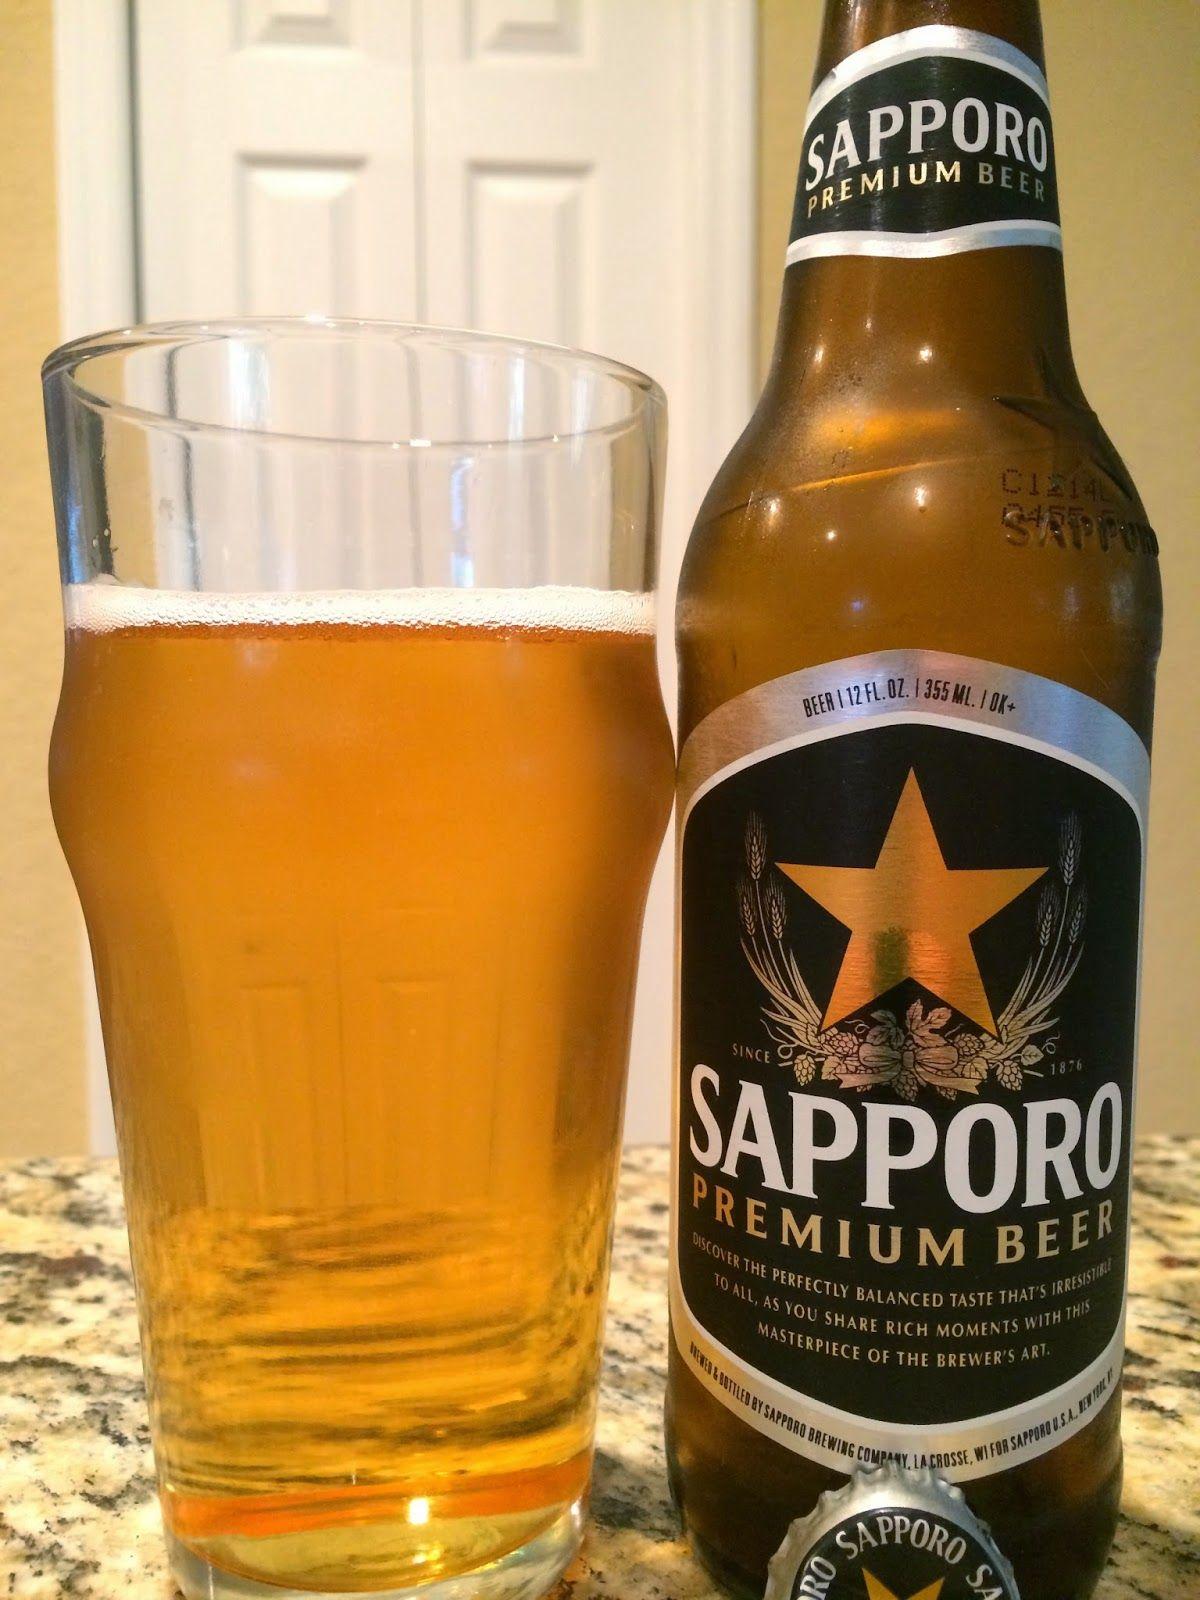 Sapporo Japanese Rice Lager Beer, Premium beer, Beer brands